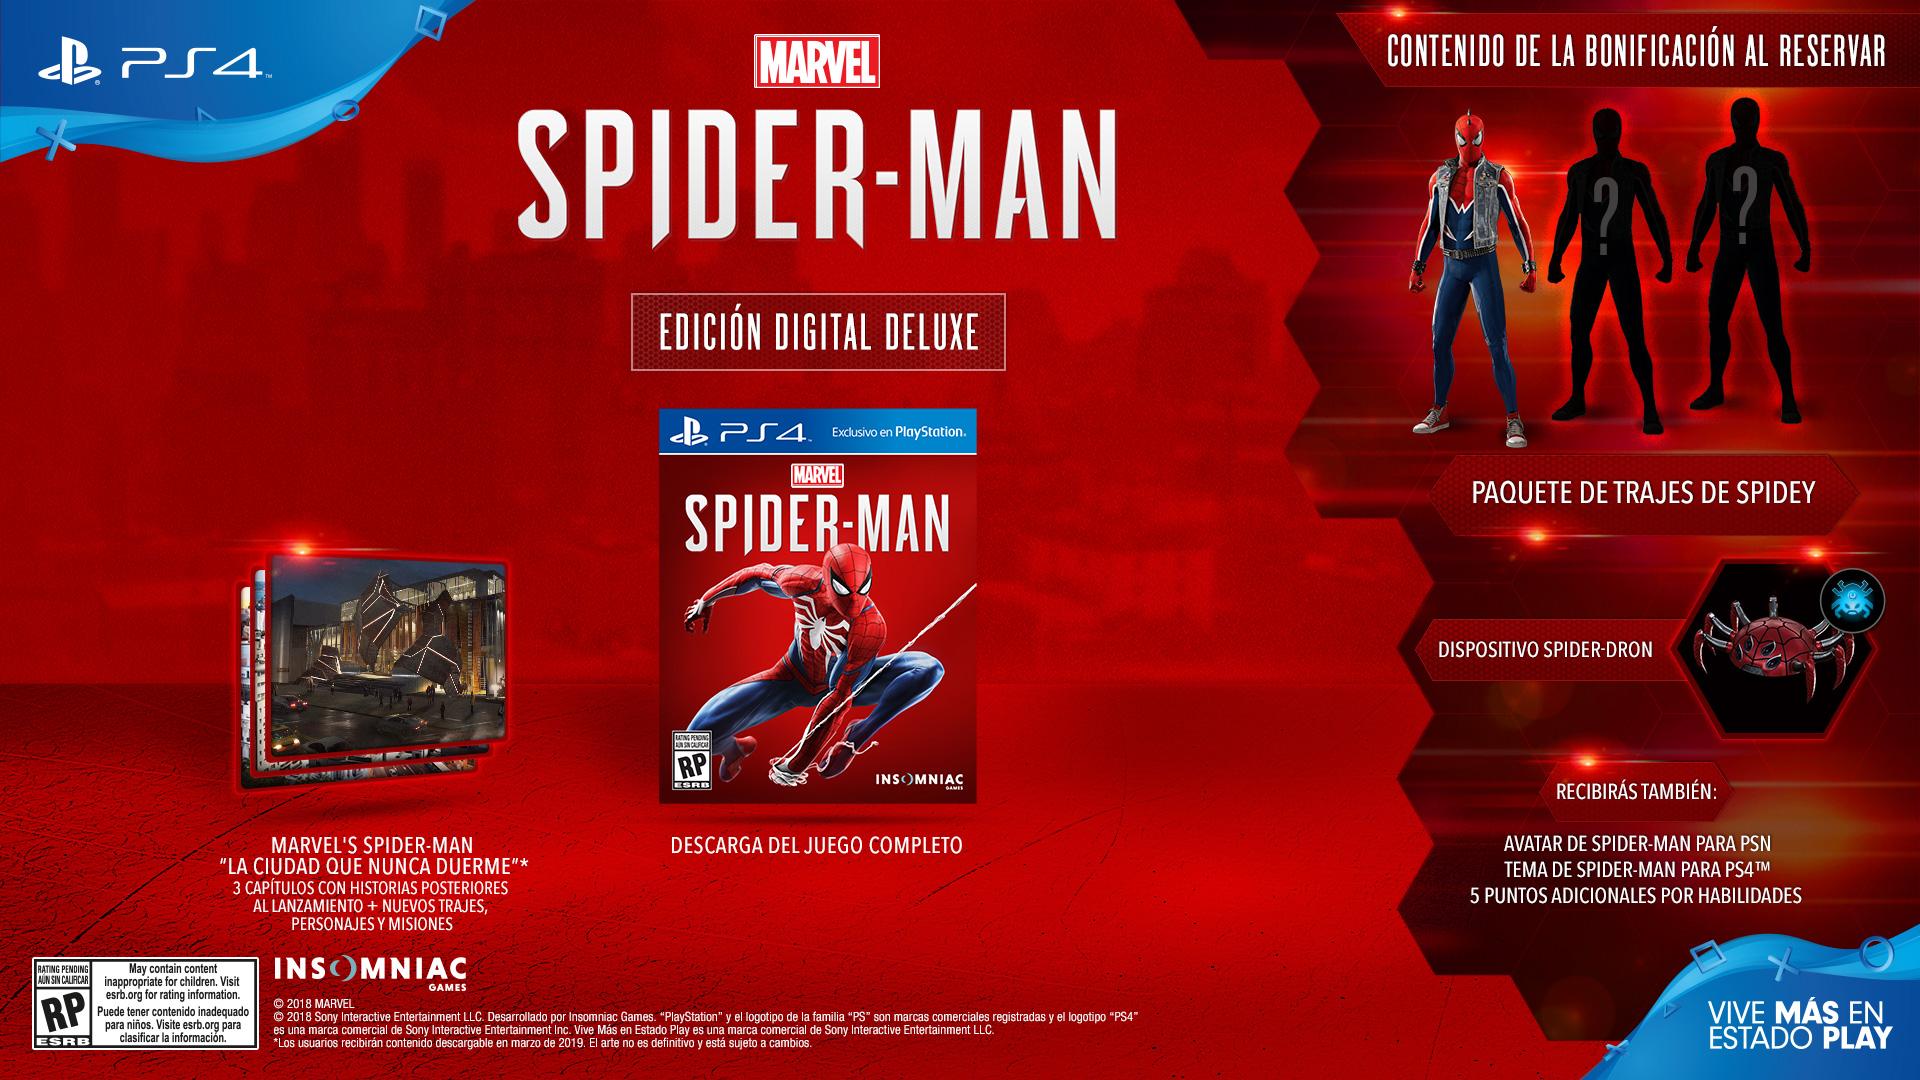 Spider Man De Marvel Llega El 7 De Septiembre Revelamos La Edicion